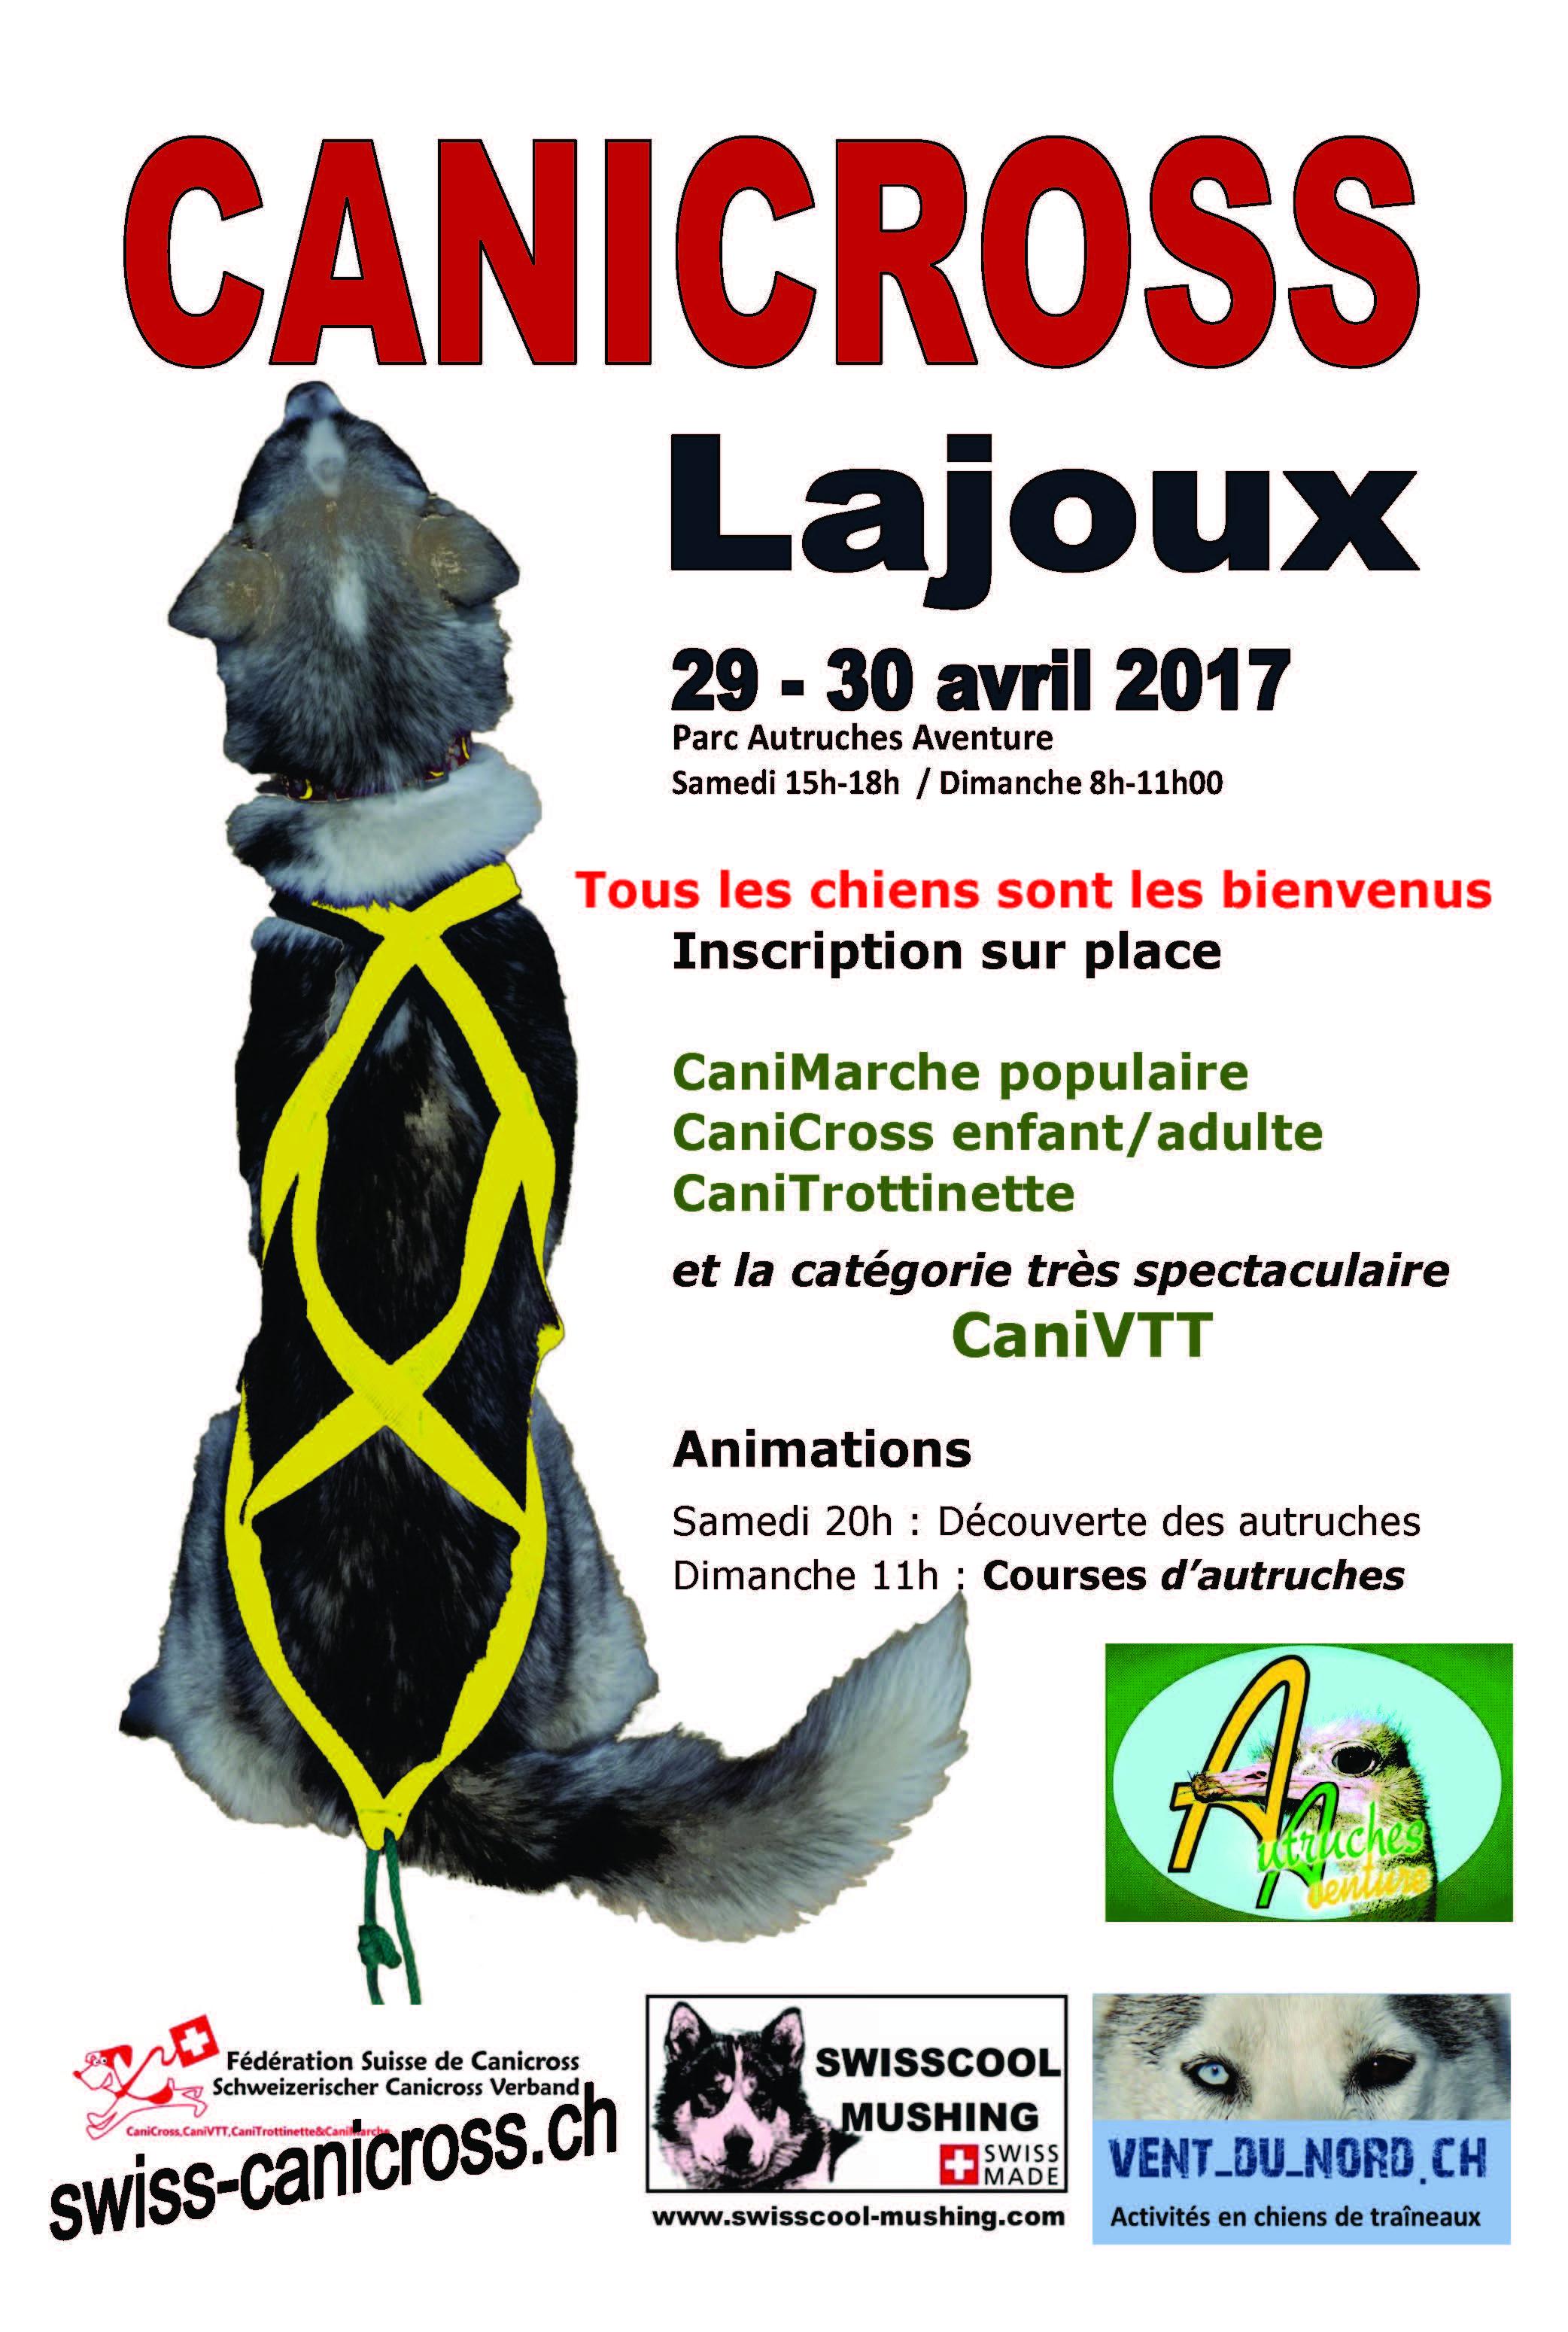 Canix_Lajoux-Affiche-2017